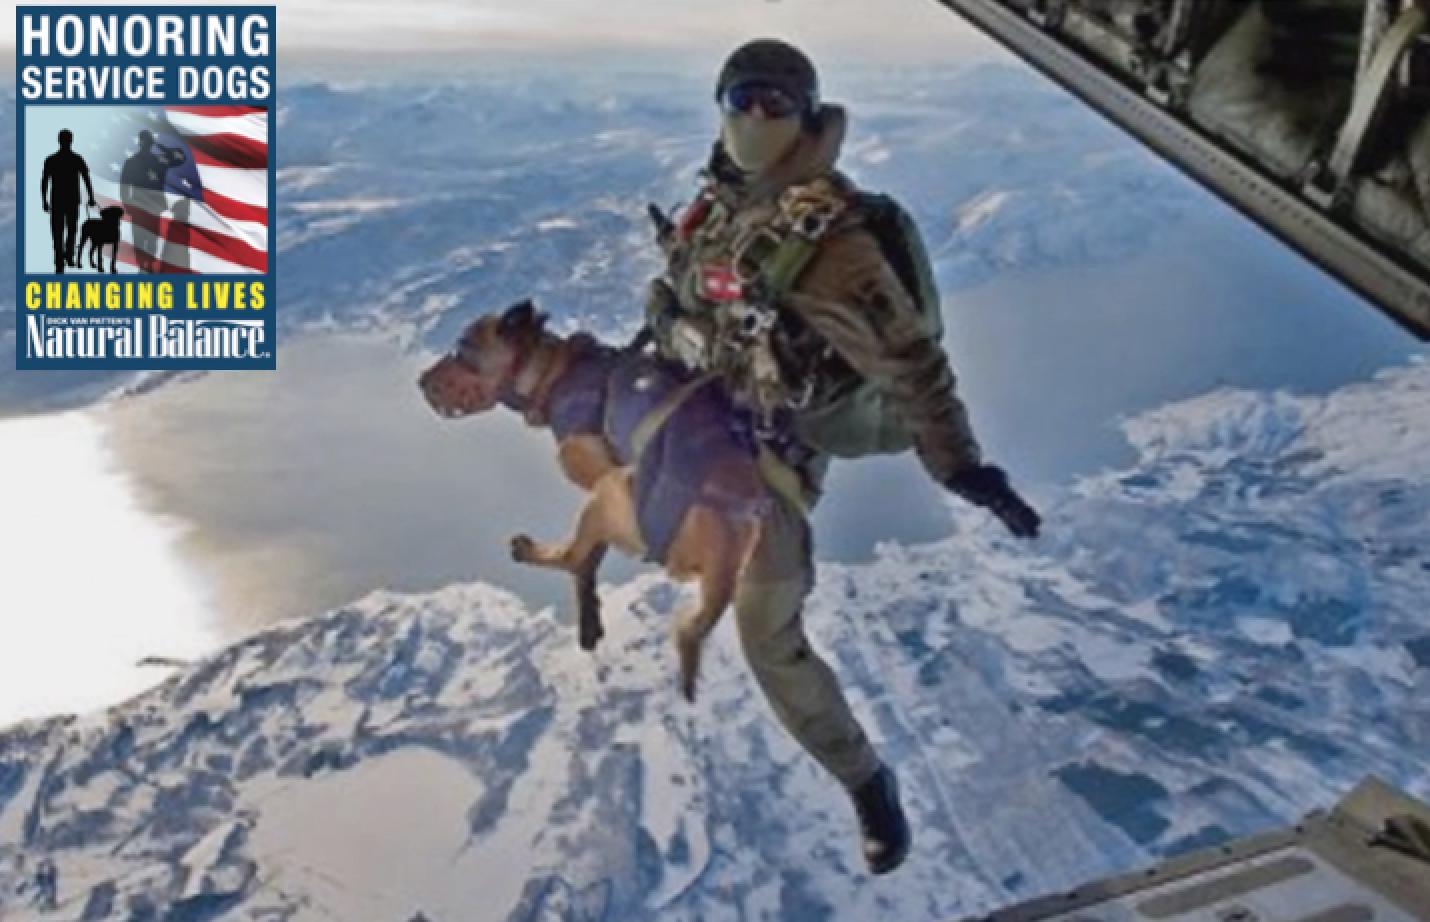 Cole Reinhardt Tandedem Skydive at Skydive Elsinore - YouTube